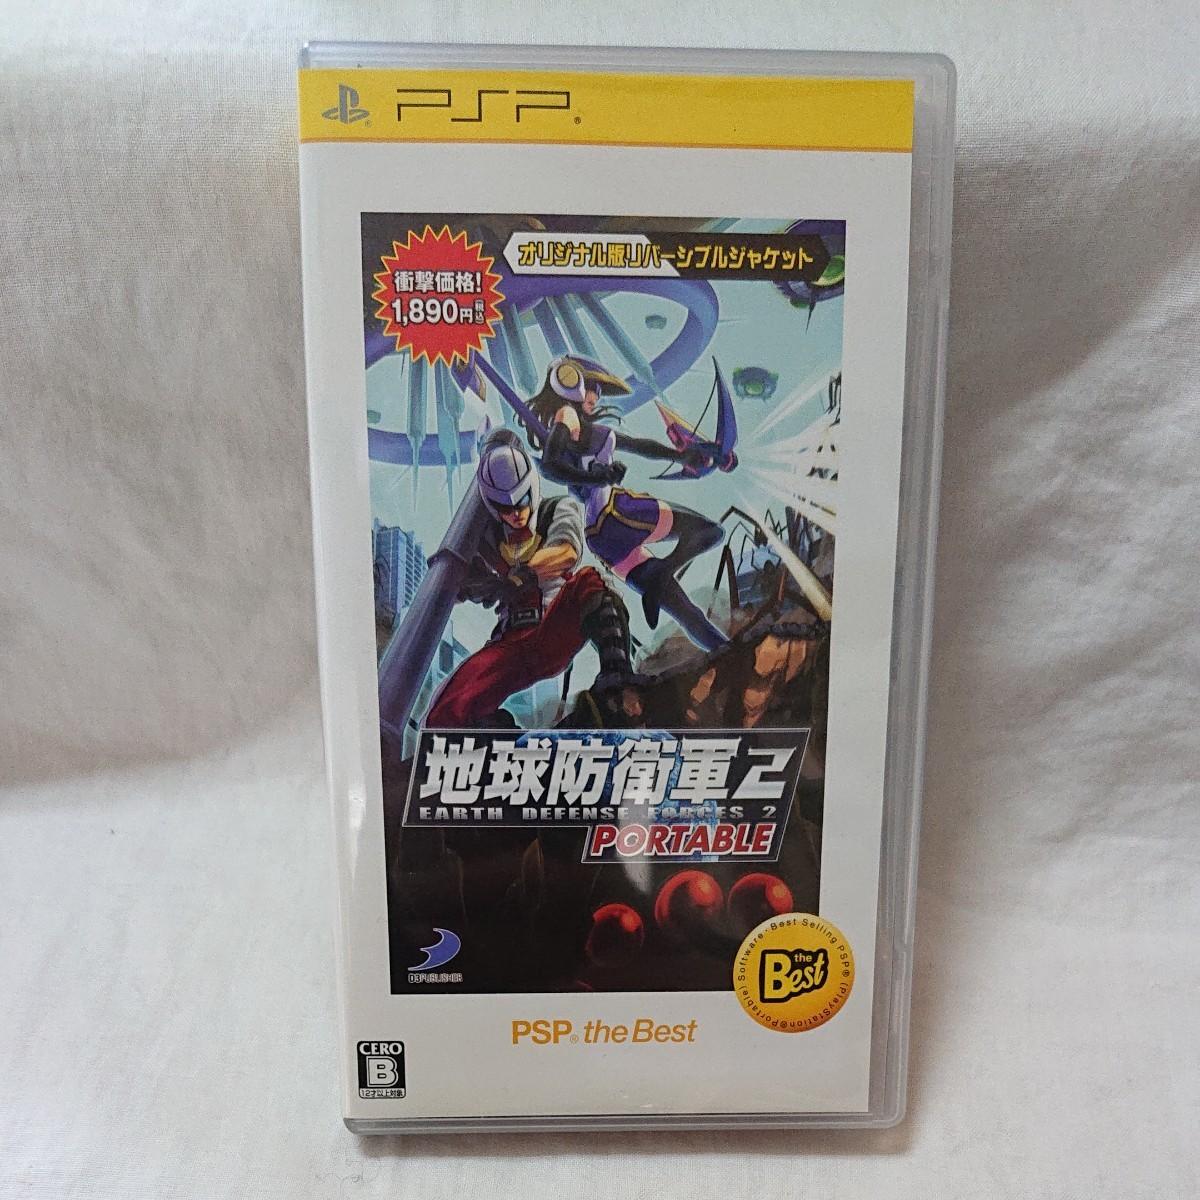 PSP 地球防衛軍2 the Best 動作確認済み  PSP